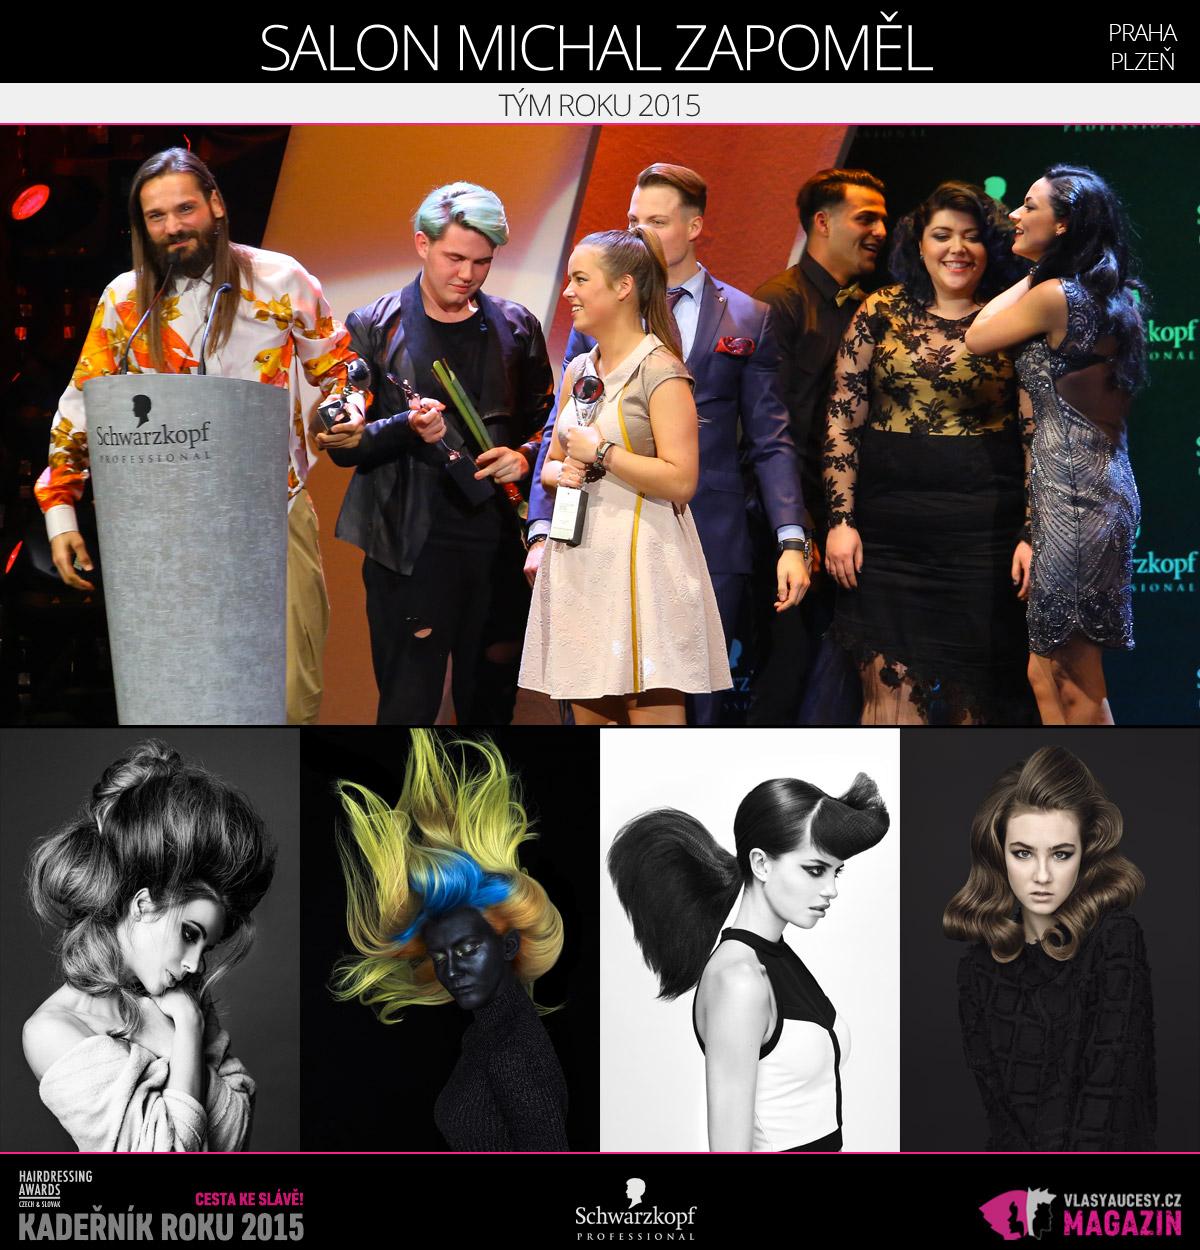 Vítězem v kategorii Tým roku 2015 Czech and Slovak Hairdressing Awards 2015 je Salon Michal Zapoměl.